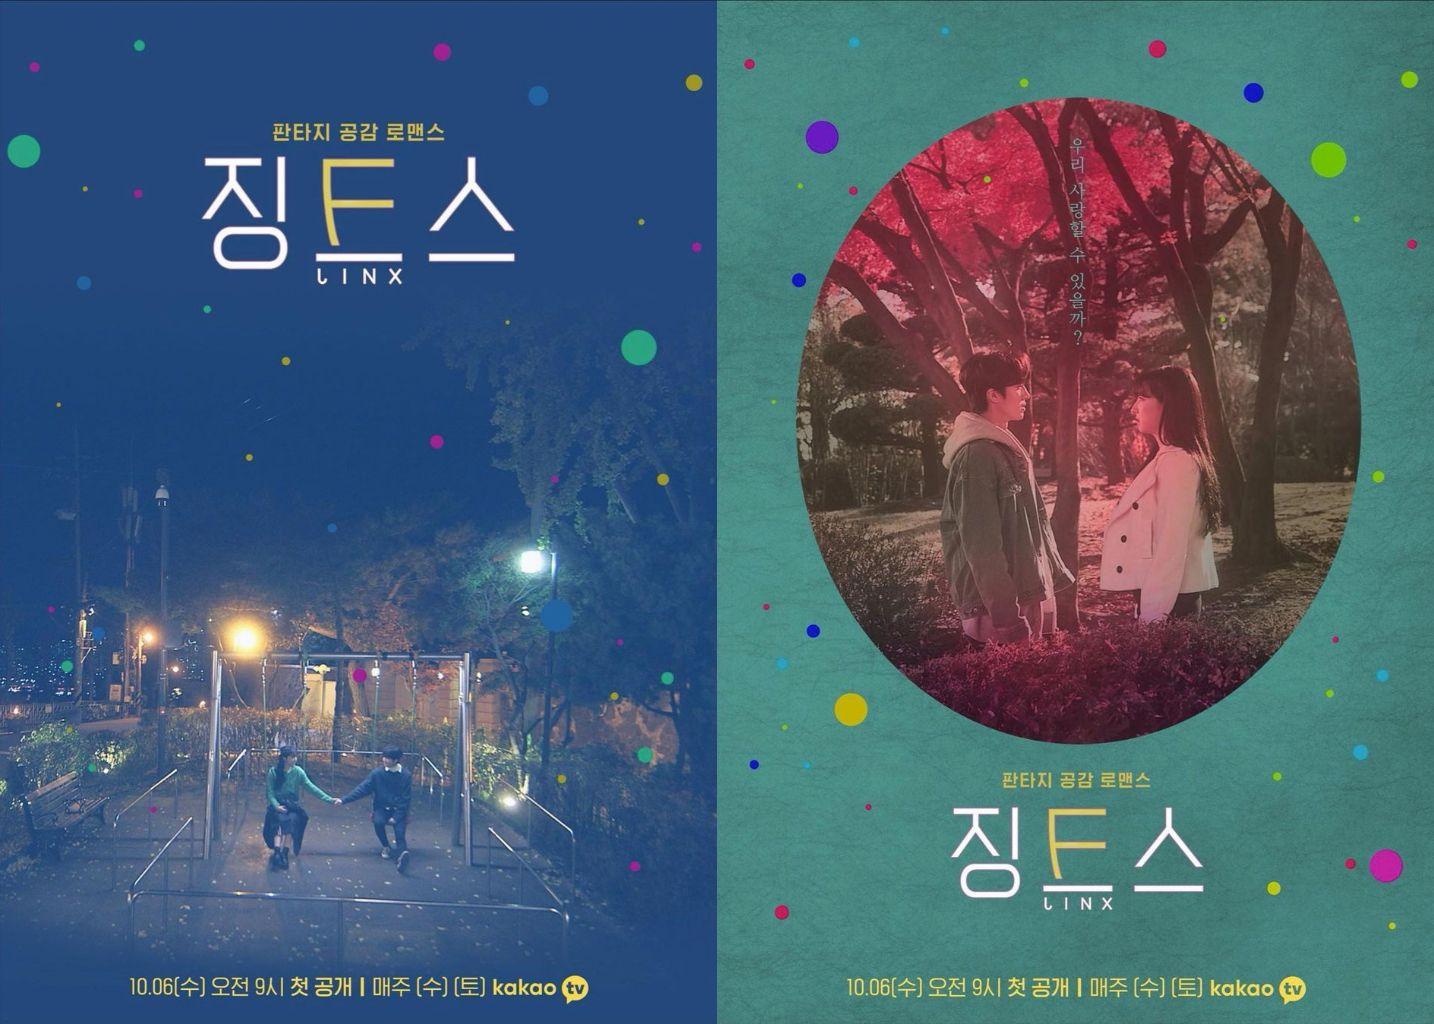 Drama Korea Oktober 2021 - Jink